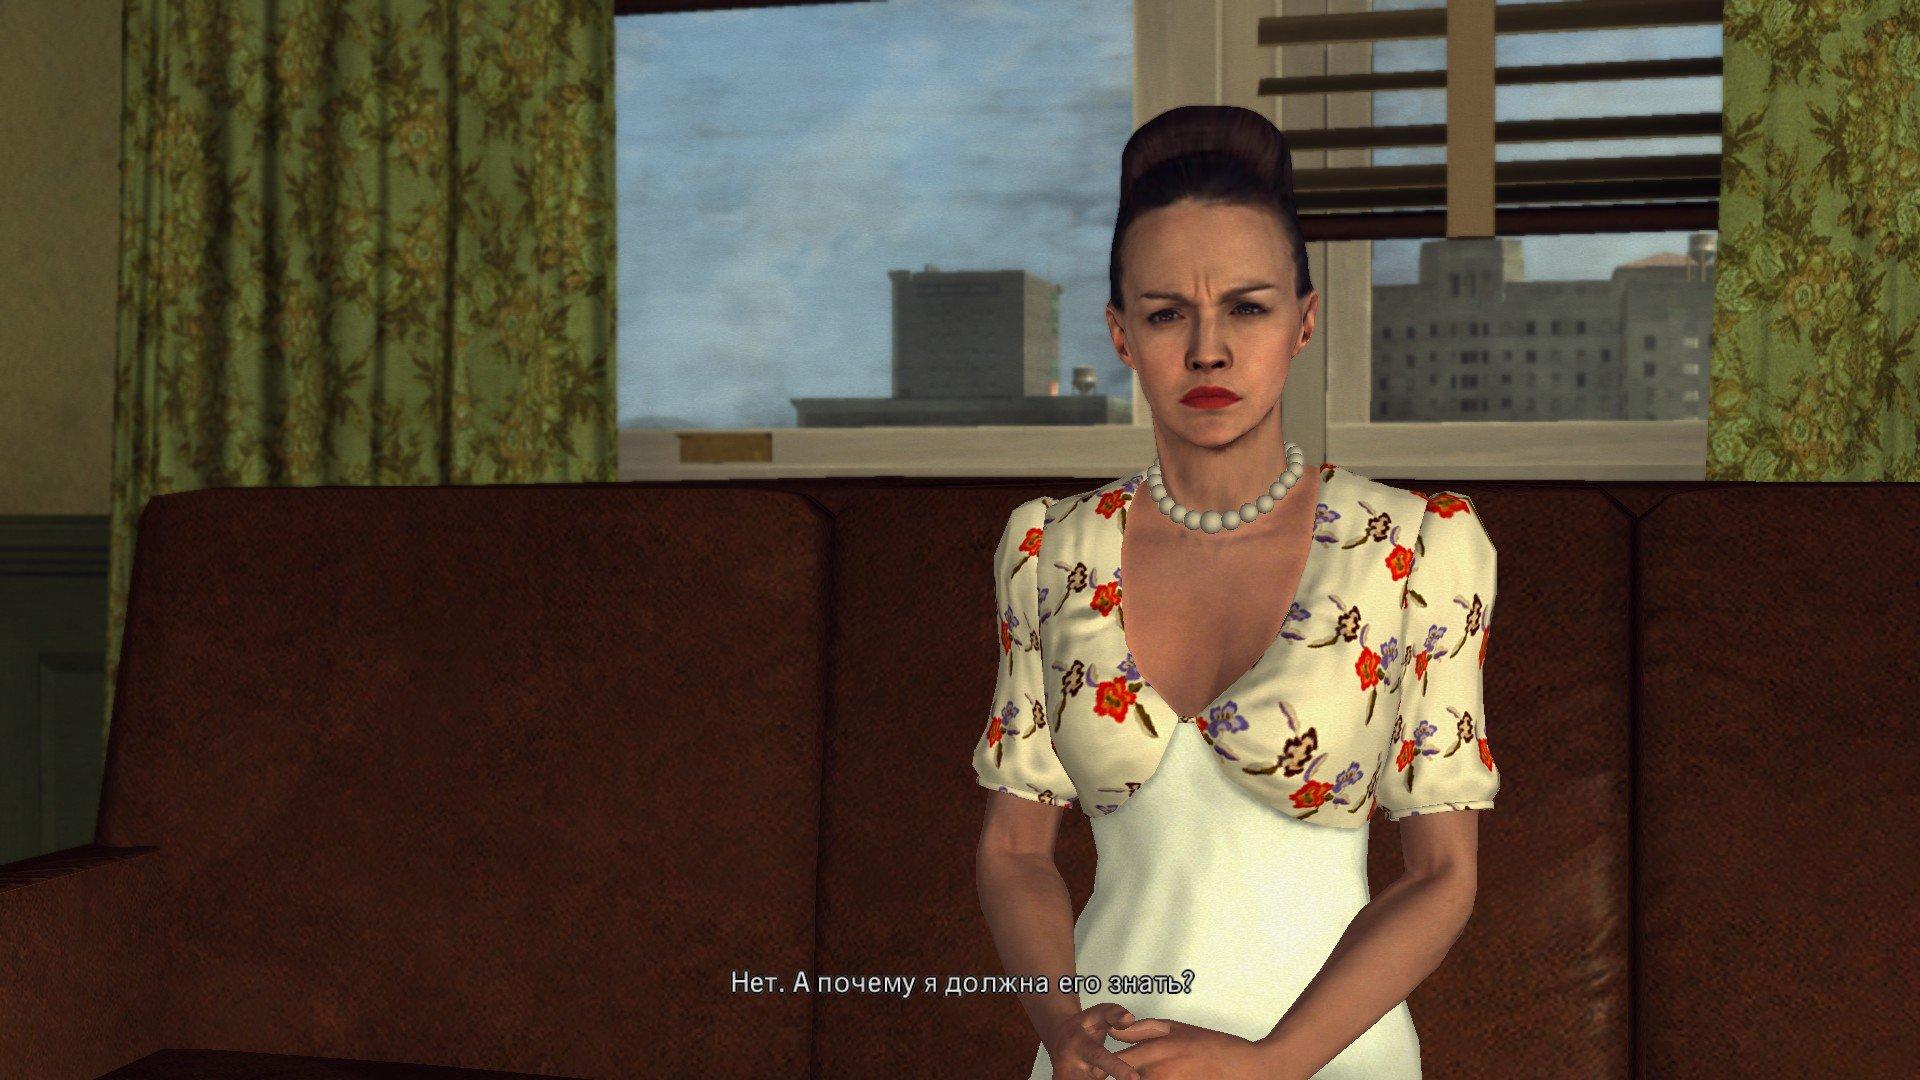 Пост-прохождение L.A. Noire Часть 5. - Изображение 29